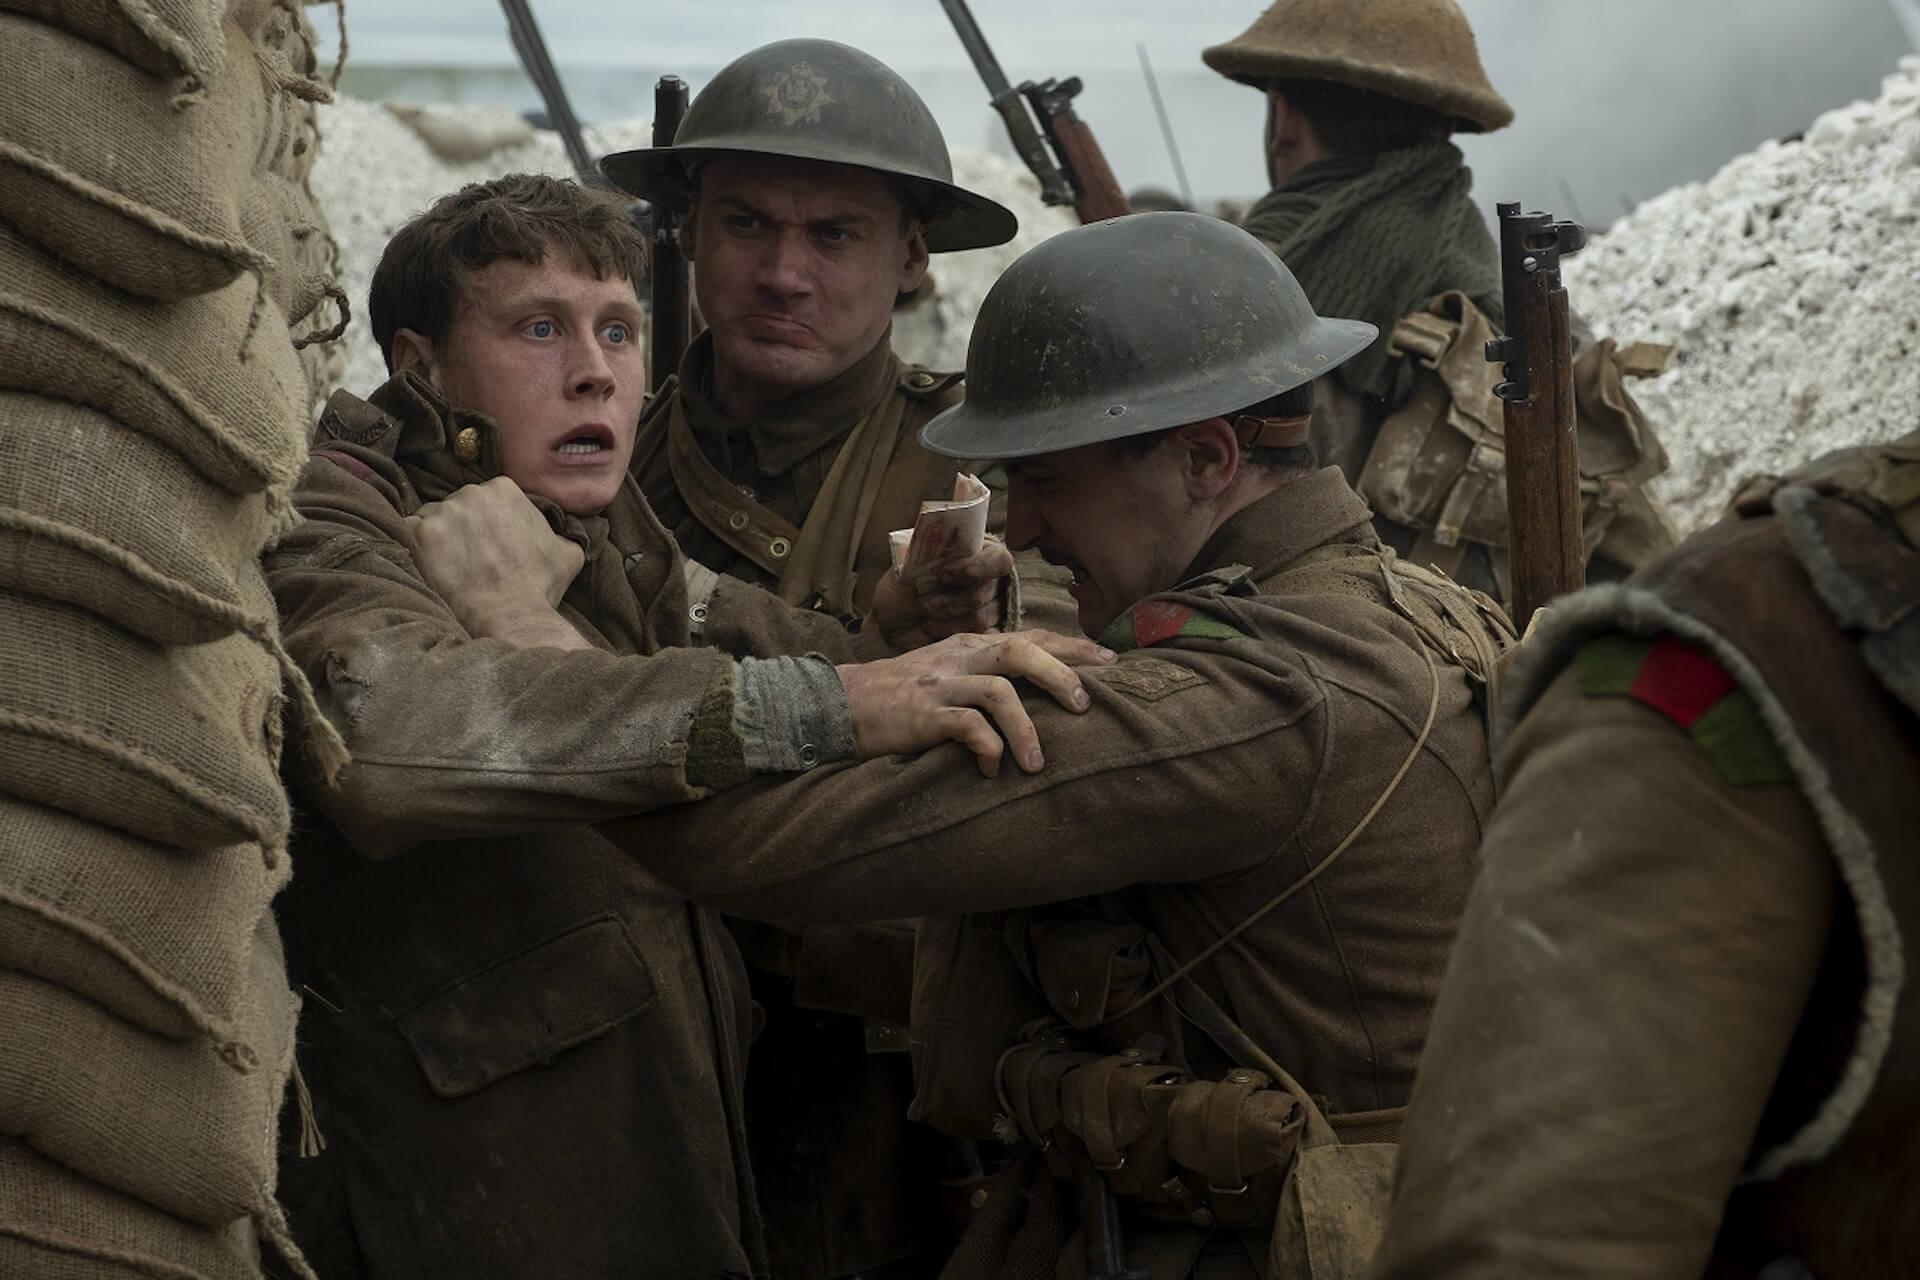 『1917 命をかけた伝令』でアカデミー賞を受賞したロジャー・ディーキンスと監督サム・メンデスが語るワンカット撮影のこだわりとは? film200220_1917maiking_12